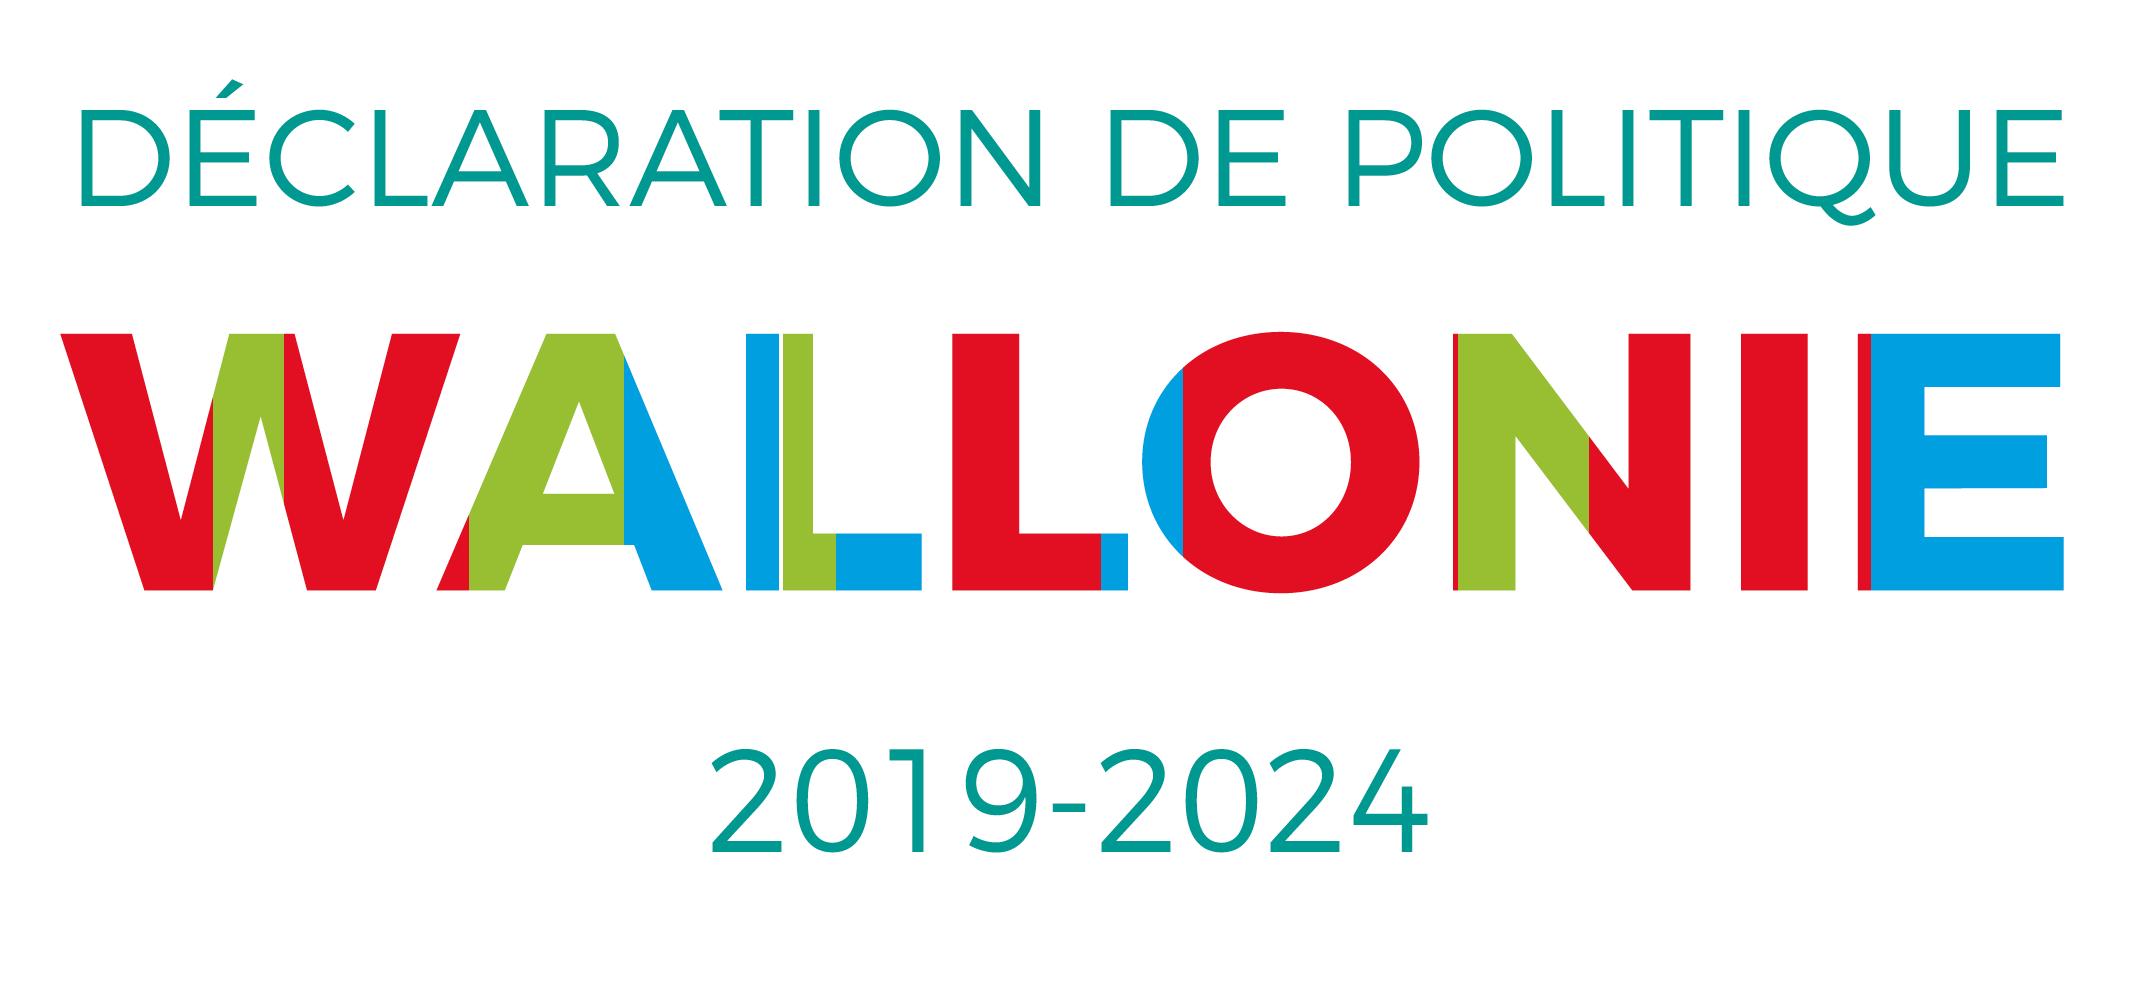 Découvrez les Déclarations de politique pour la Région wallonne et la Fédération Wallonie-Bruxelles